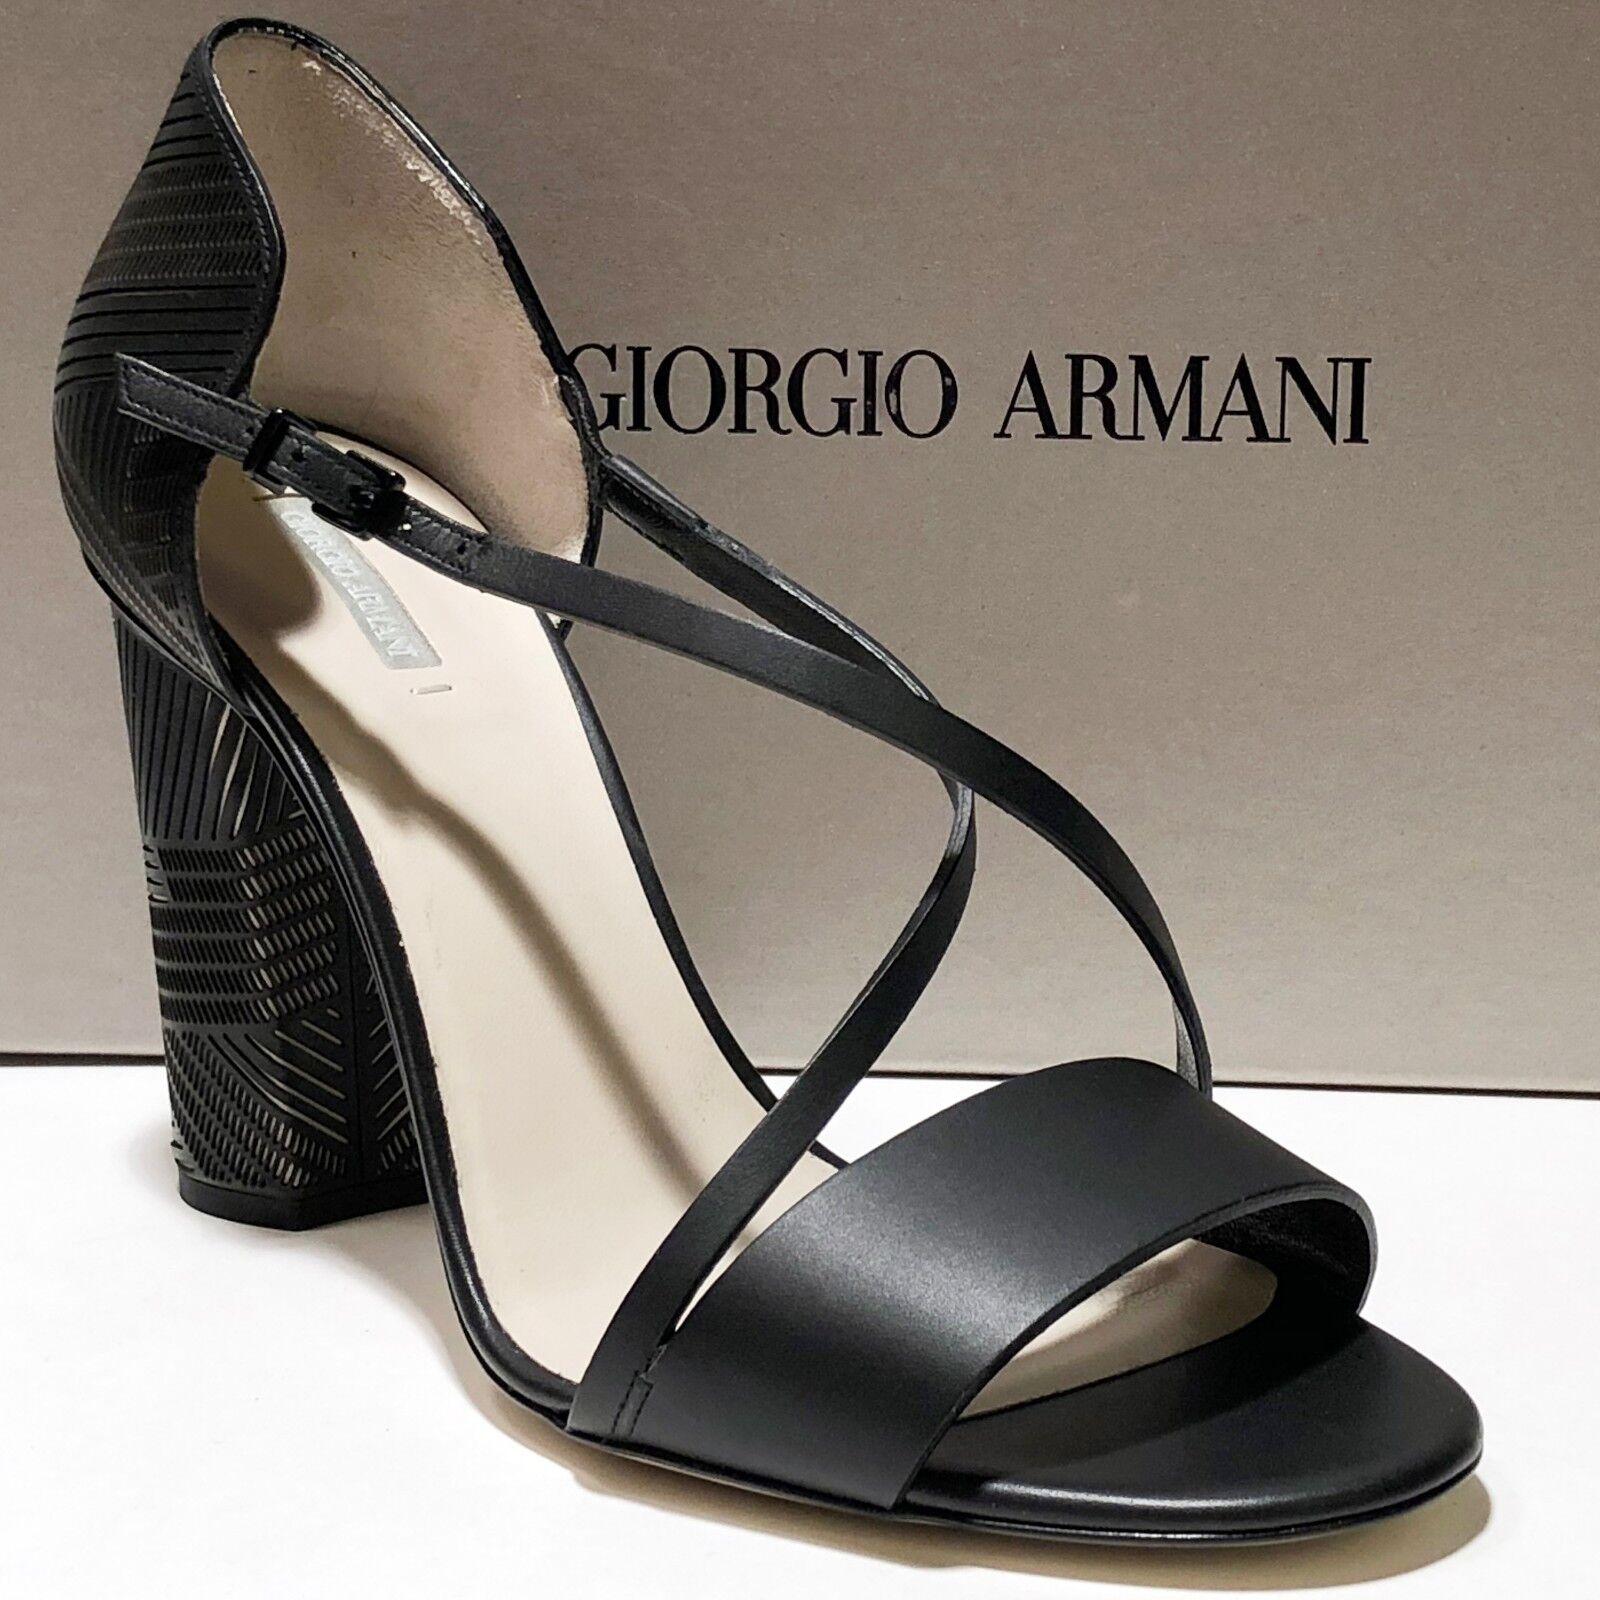 consegna lampo  1025 NIB NIB NIB Giorgio Armani Donna  nero Leather Fashion Strap d'Orsay Heels Pumps  la migliore offerta del negozio online